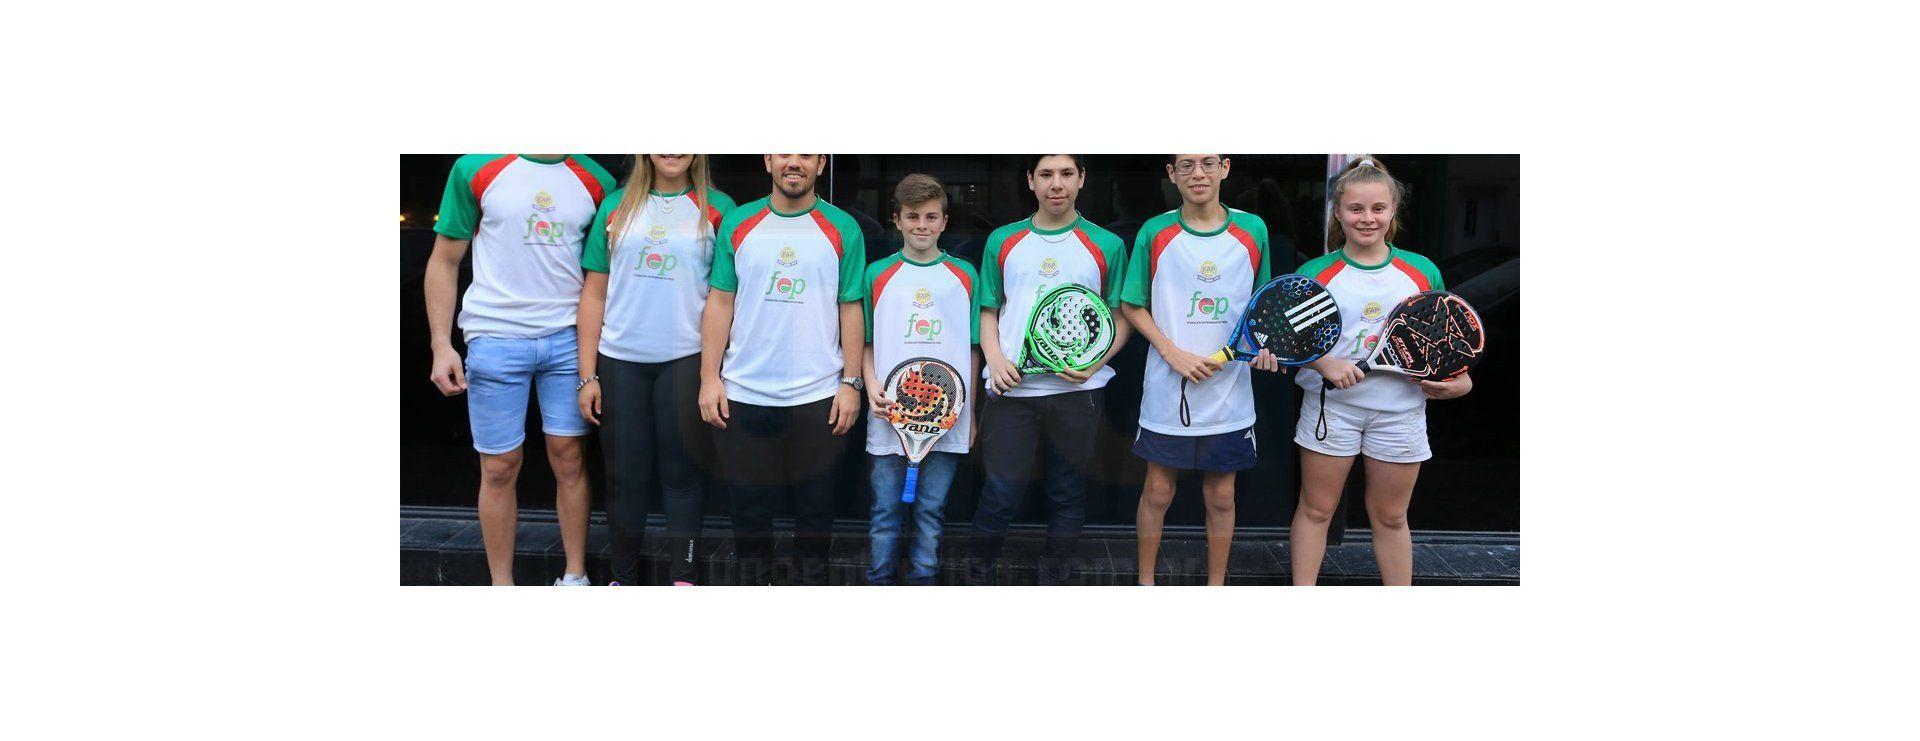 El futuro del Padel: los entrerrianos visitaron la redacción de UNO tras el torneo nacional en La Plata